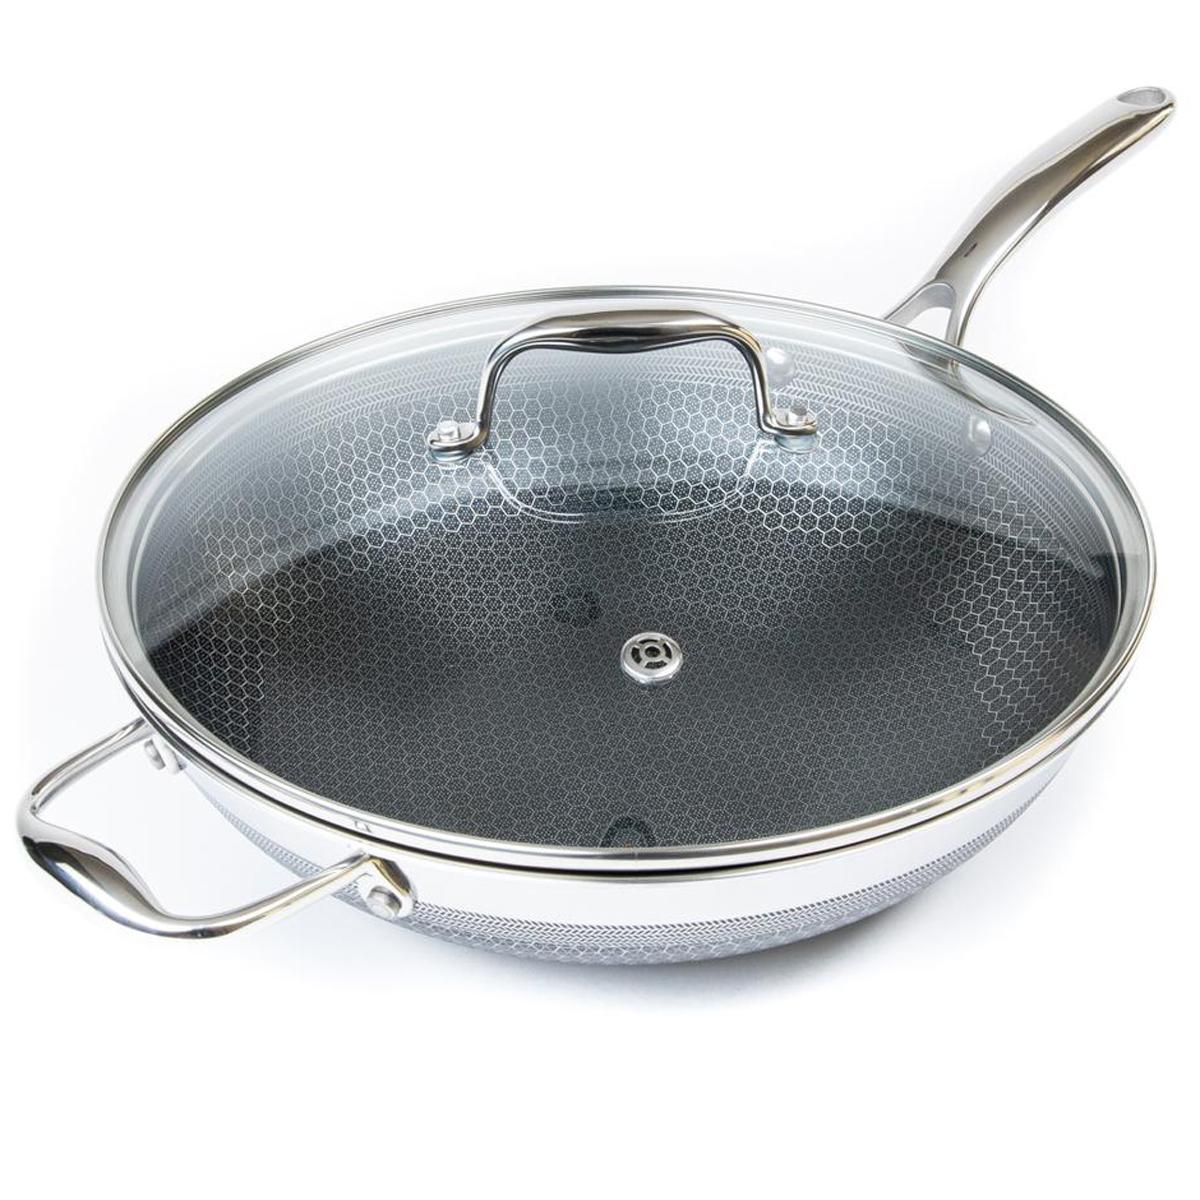 Hexclad wok